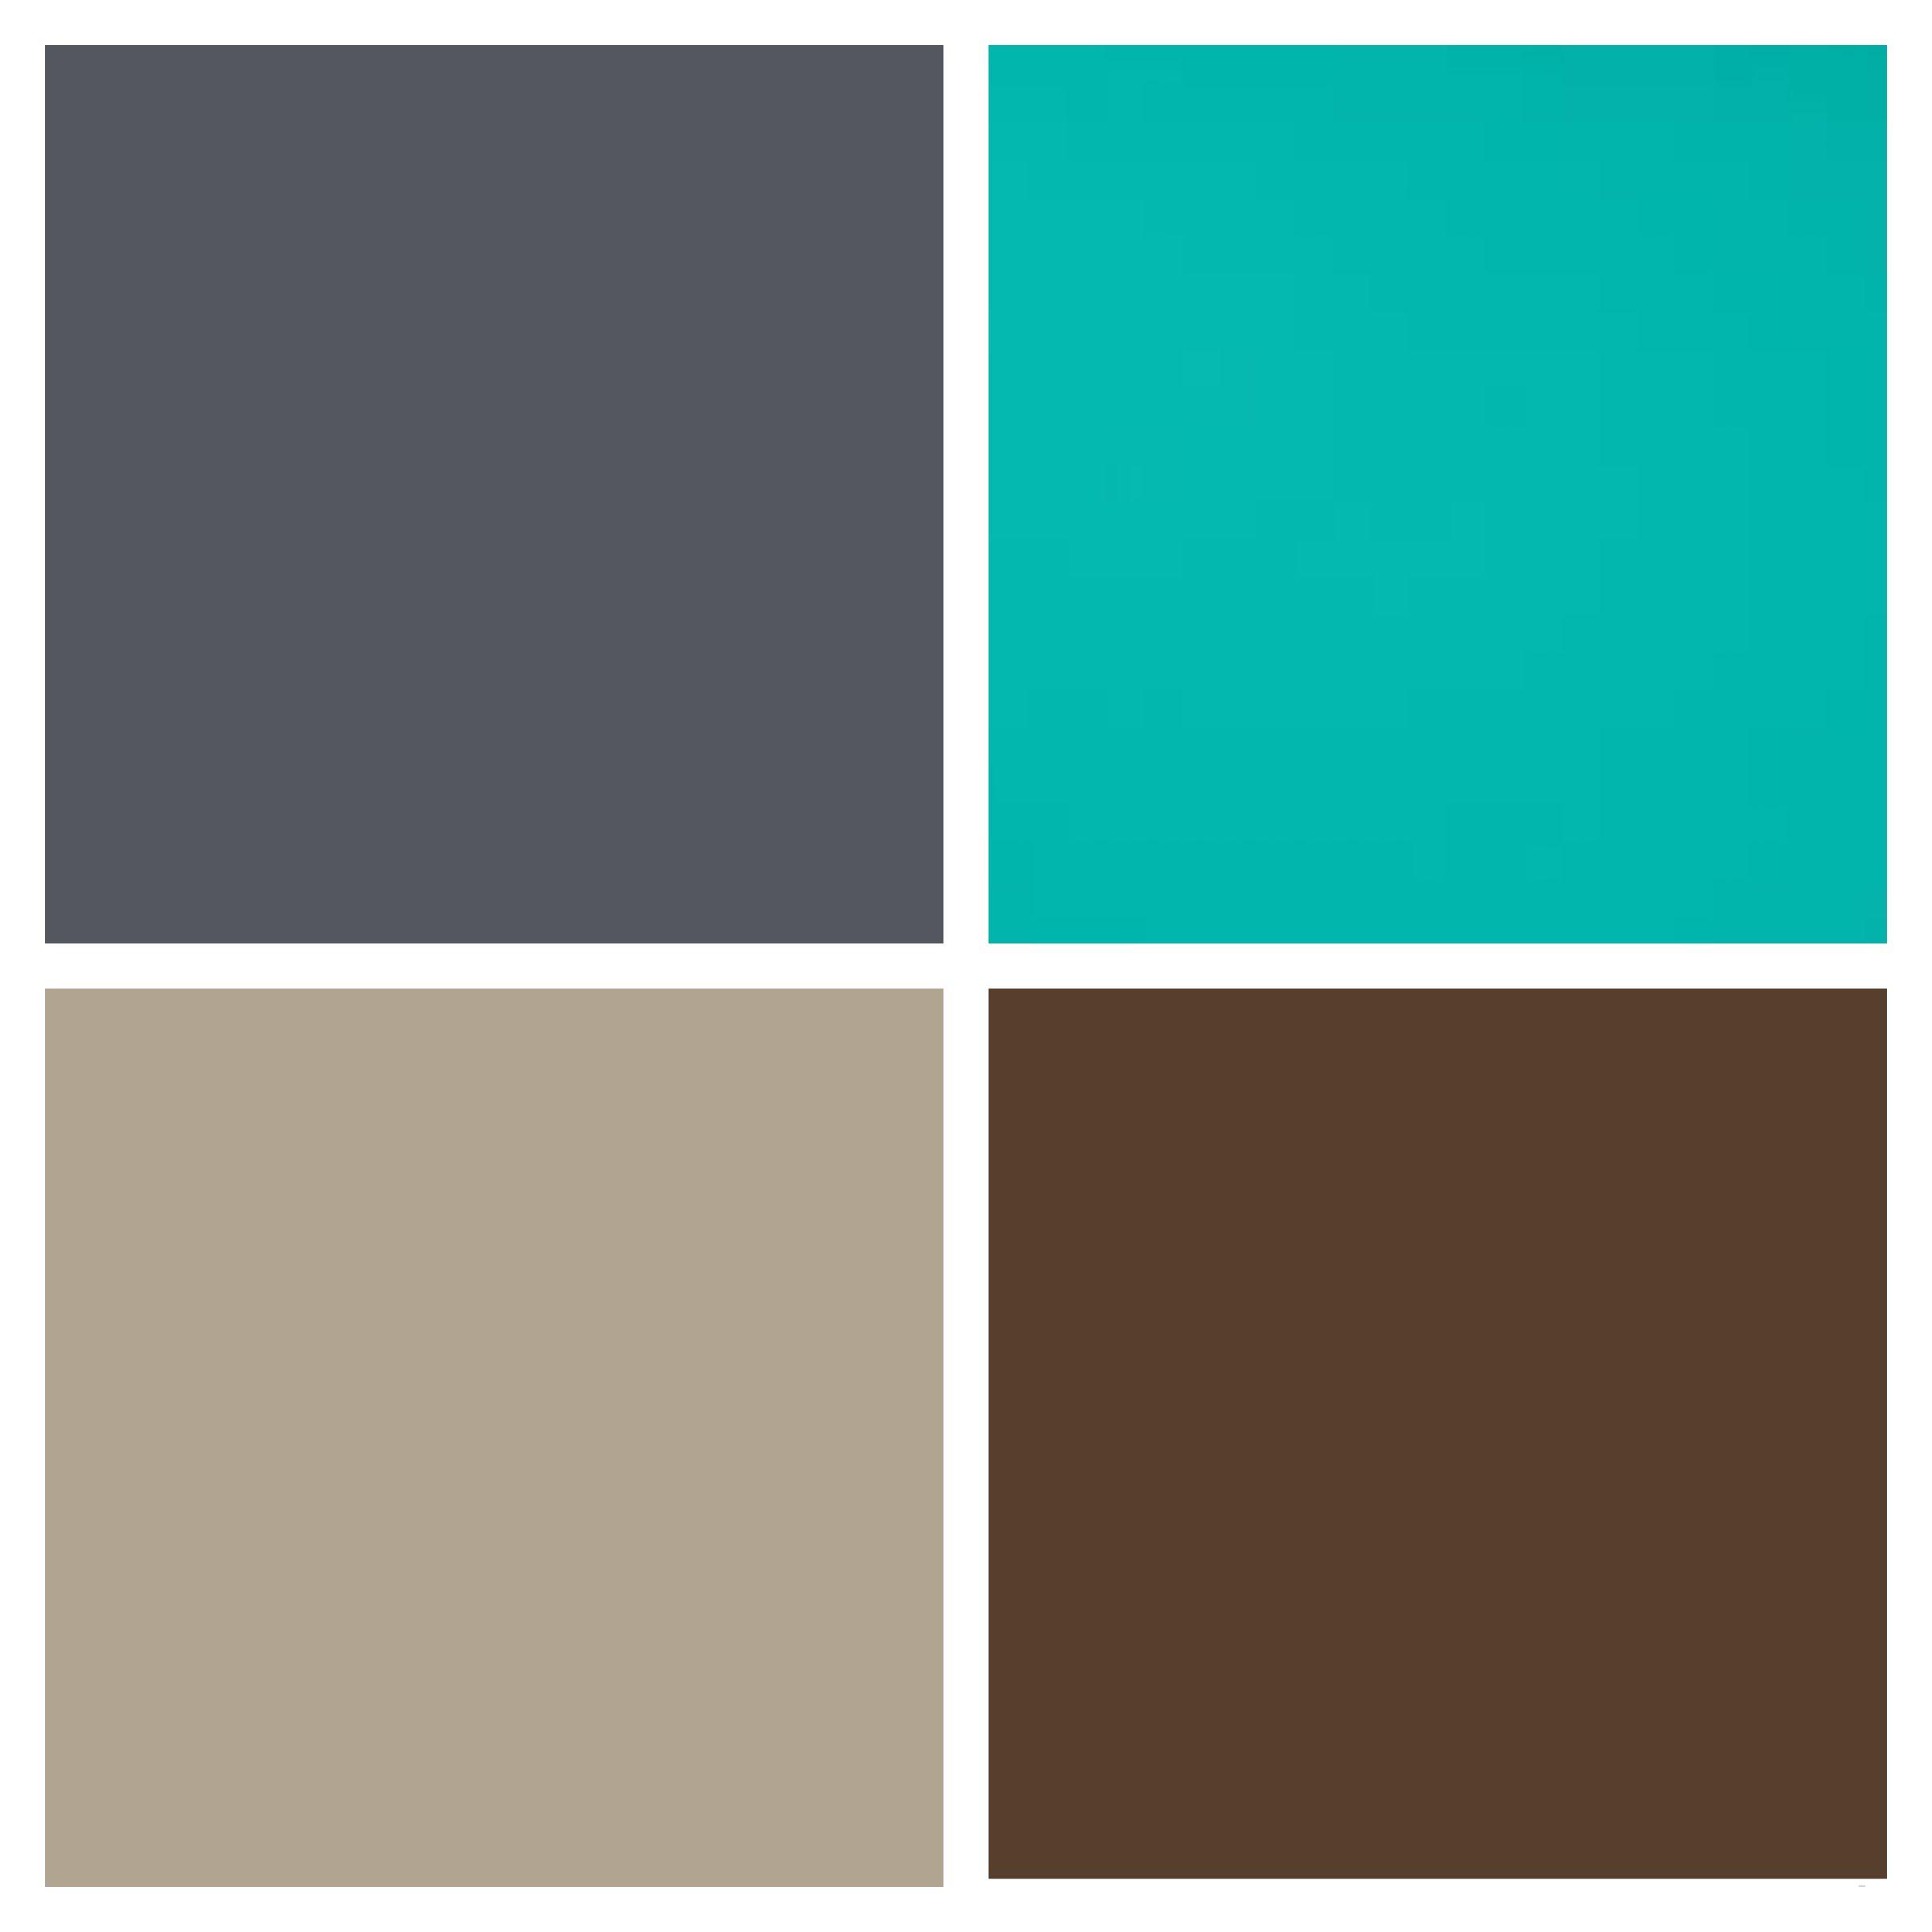 Awesome Bedroom Color Palette Slate Storm Turquoise Ocean Bedroom Color Palette Slate Storm Turquoise Ocean Grey Color Palette Teen Room A Kitchen Grey Color Palette